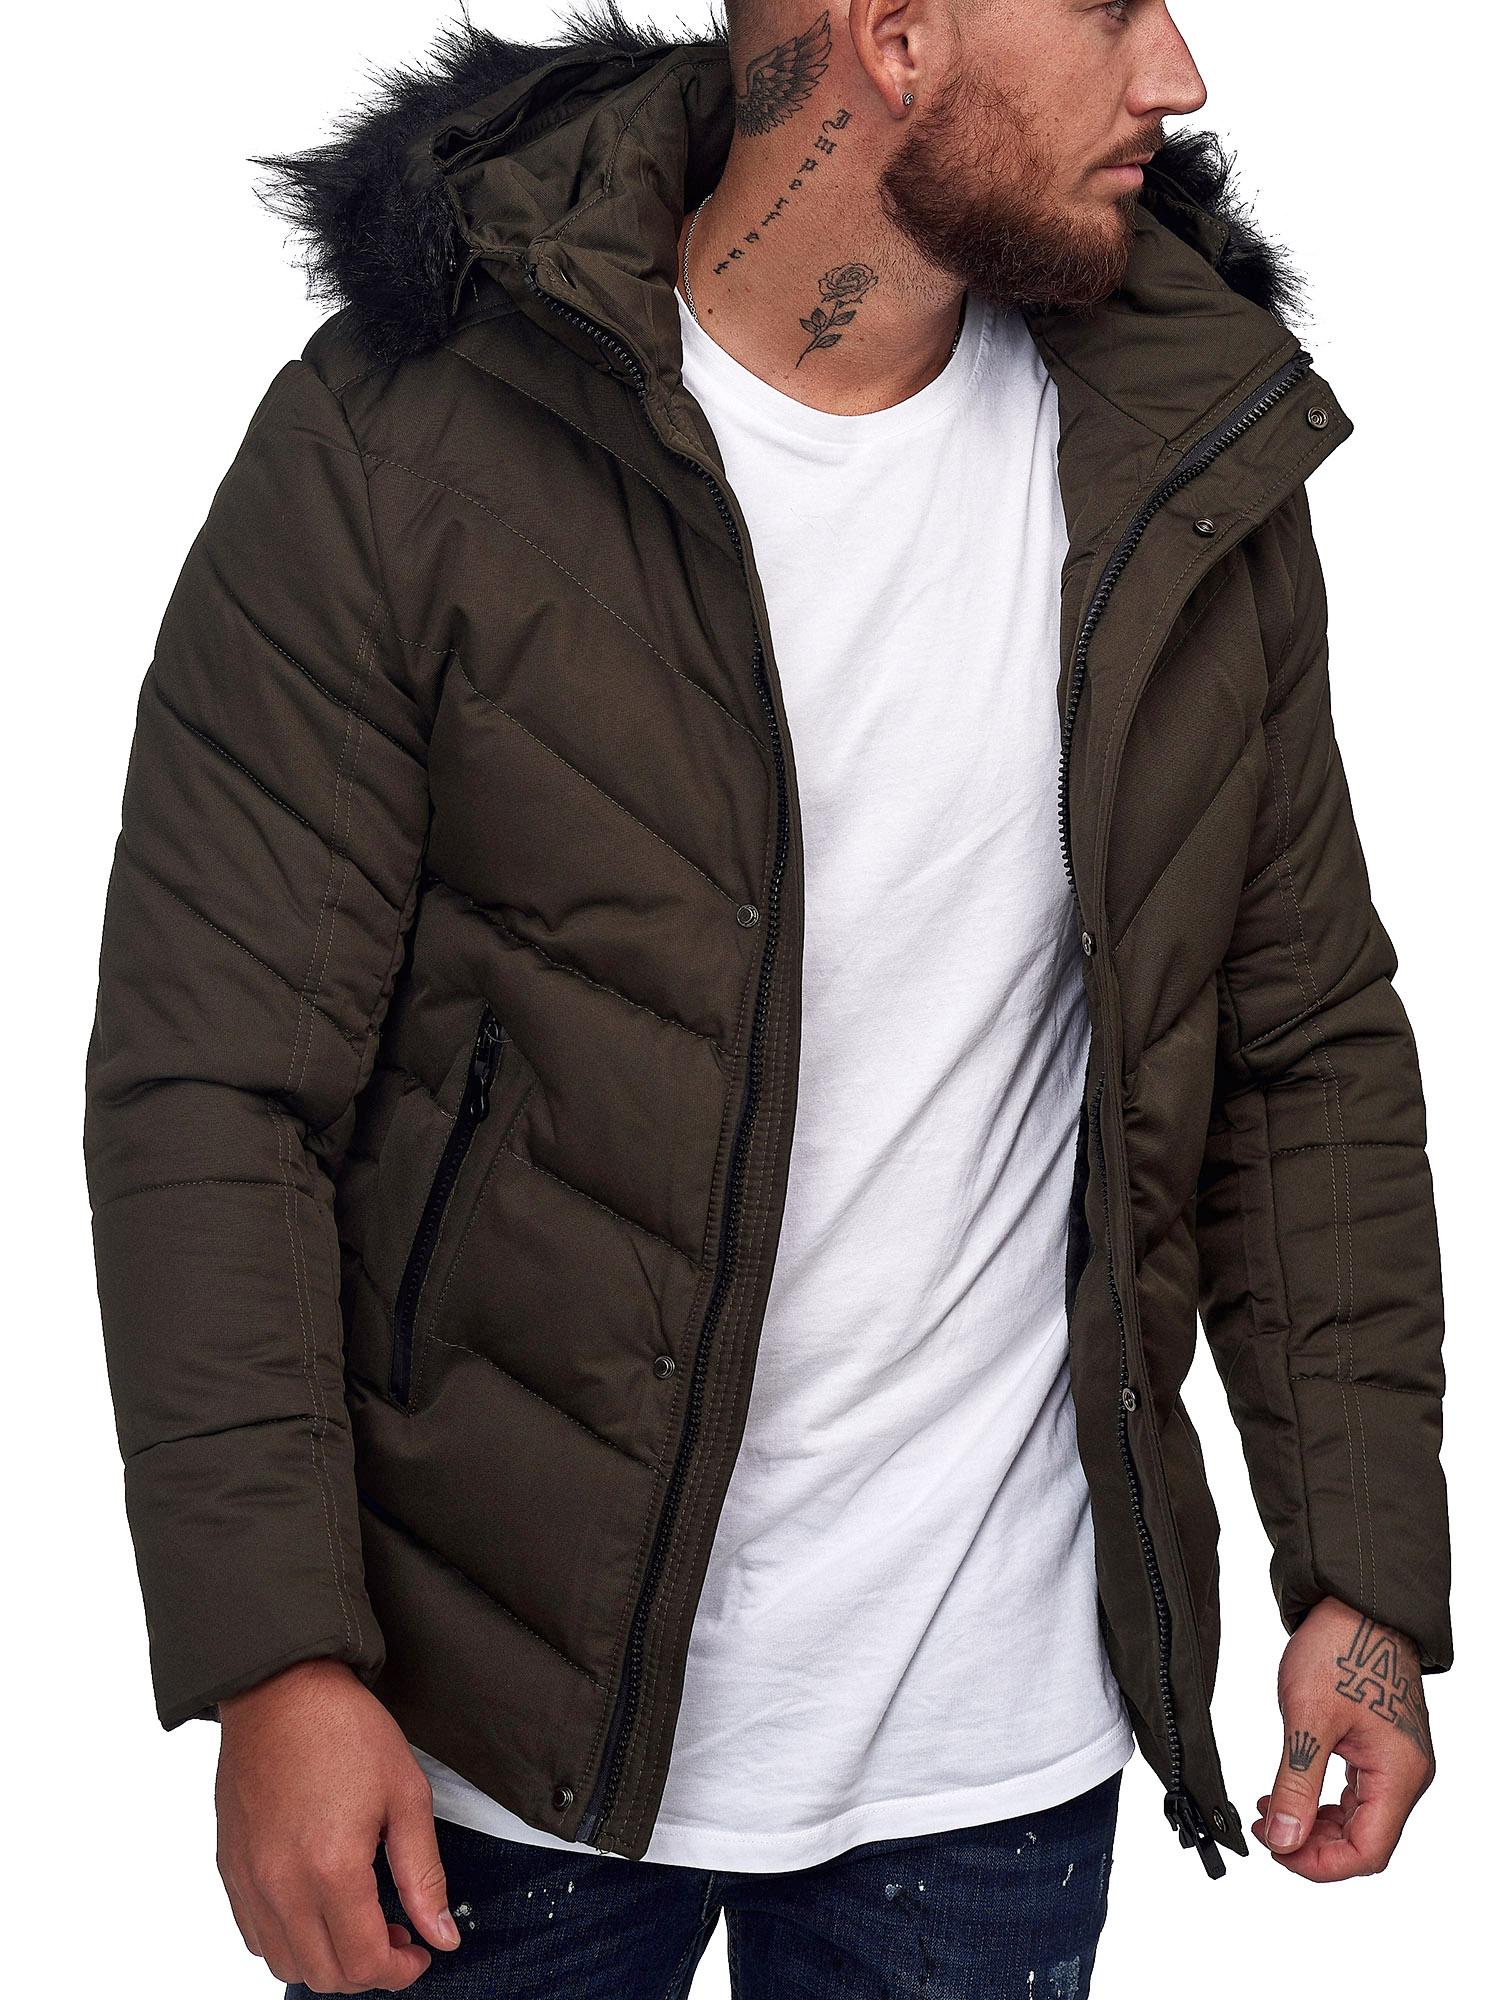 herren jacken and mantel herren jacke mantel winterjacke steppjacke   bergangsjacke 6525st  herren jacke mantel winterjacke